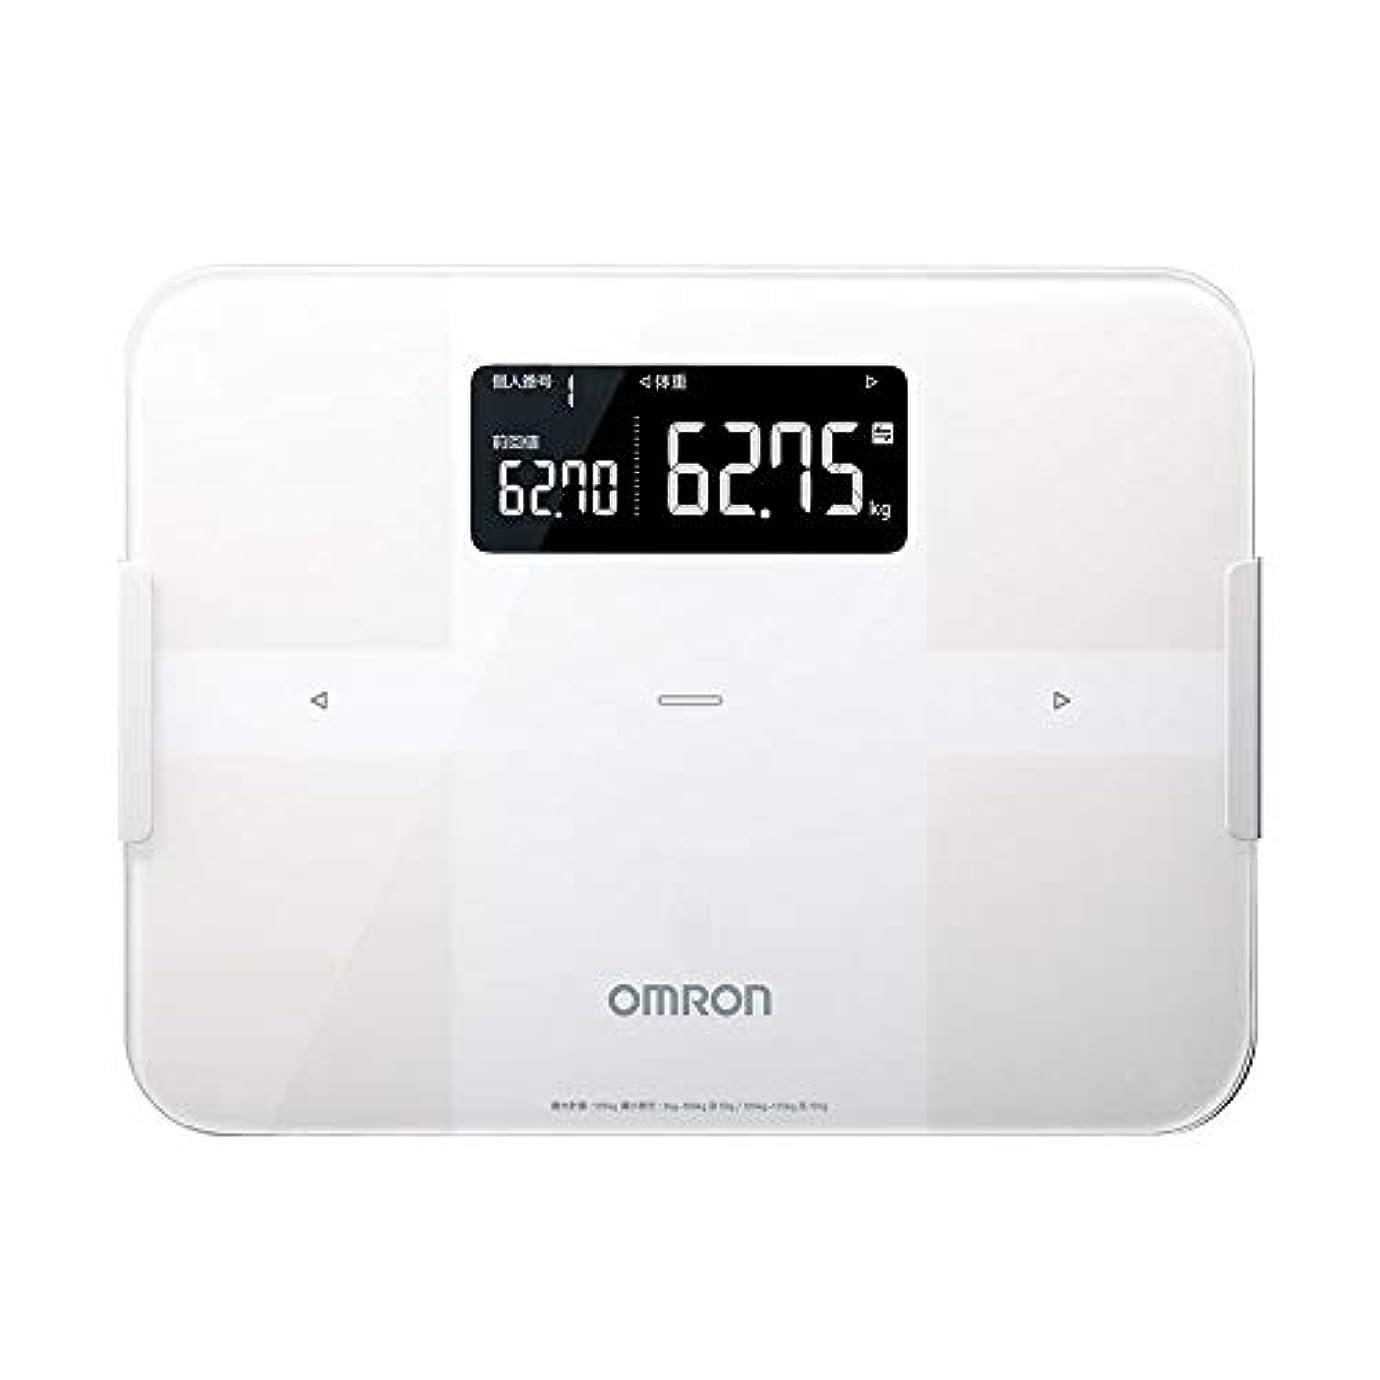 魂平行オークオムロン 体重?体組成計 カラダスキャン スマホアプリ/OMRON connect対応 ホワイト HBF-256T-W